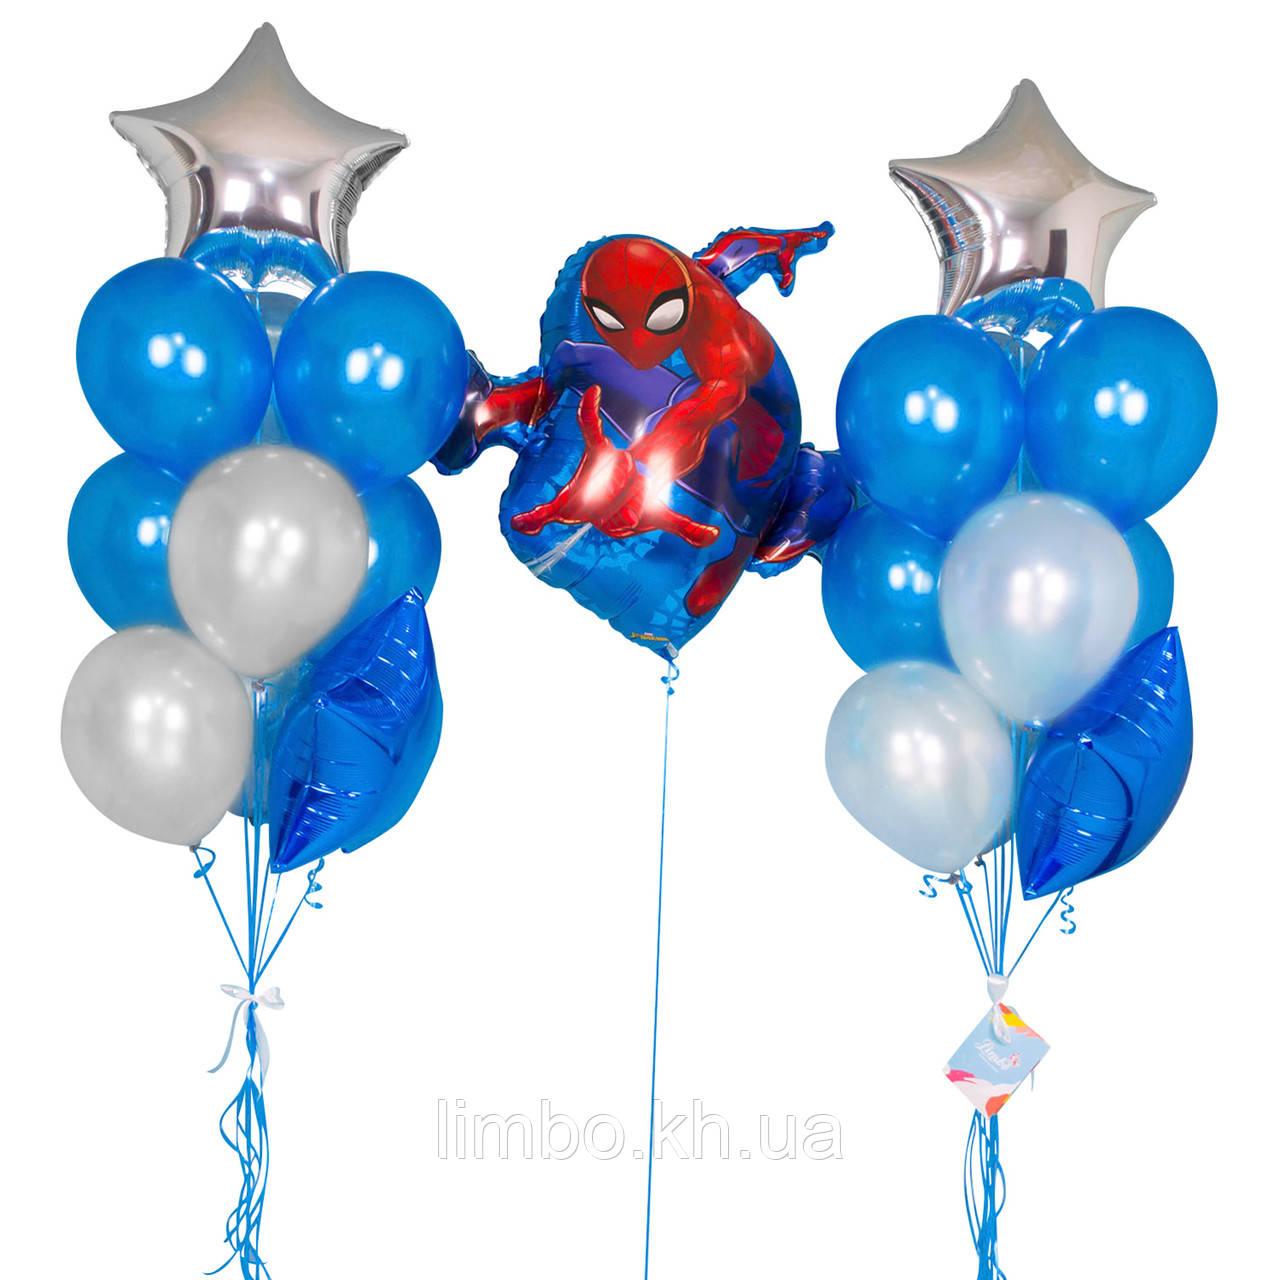 Кулі на день народження хлопчика з фольгированной фігурою Спайдермен